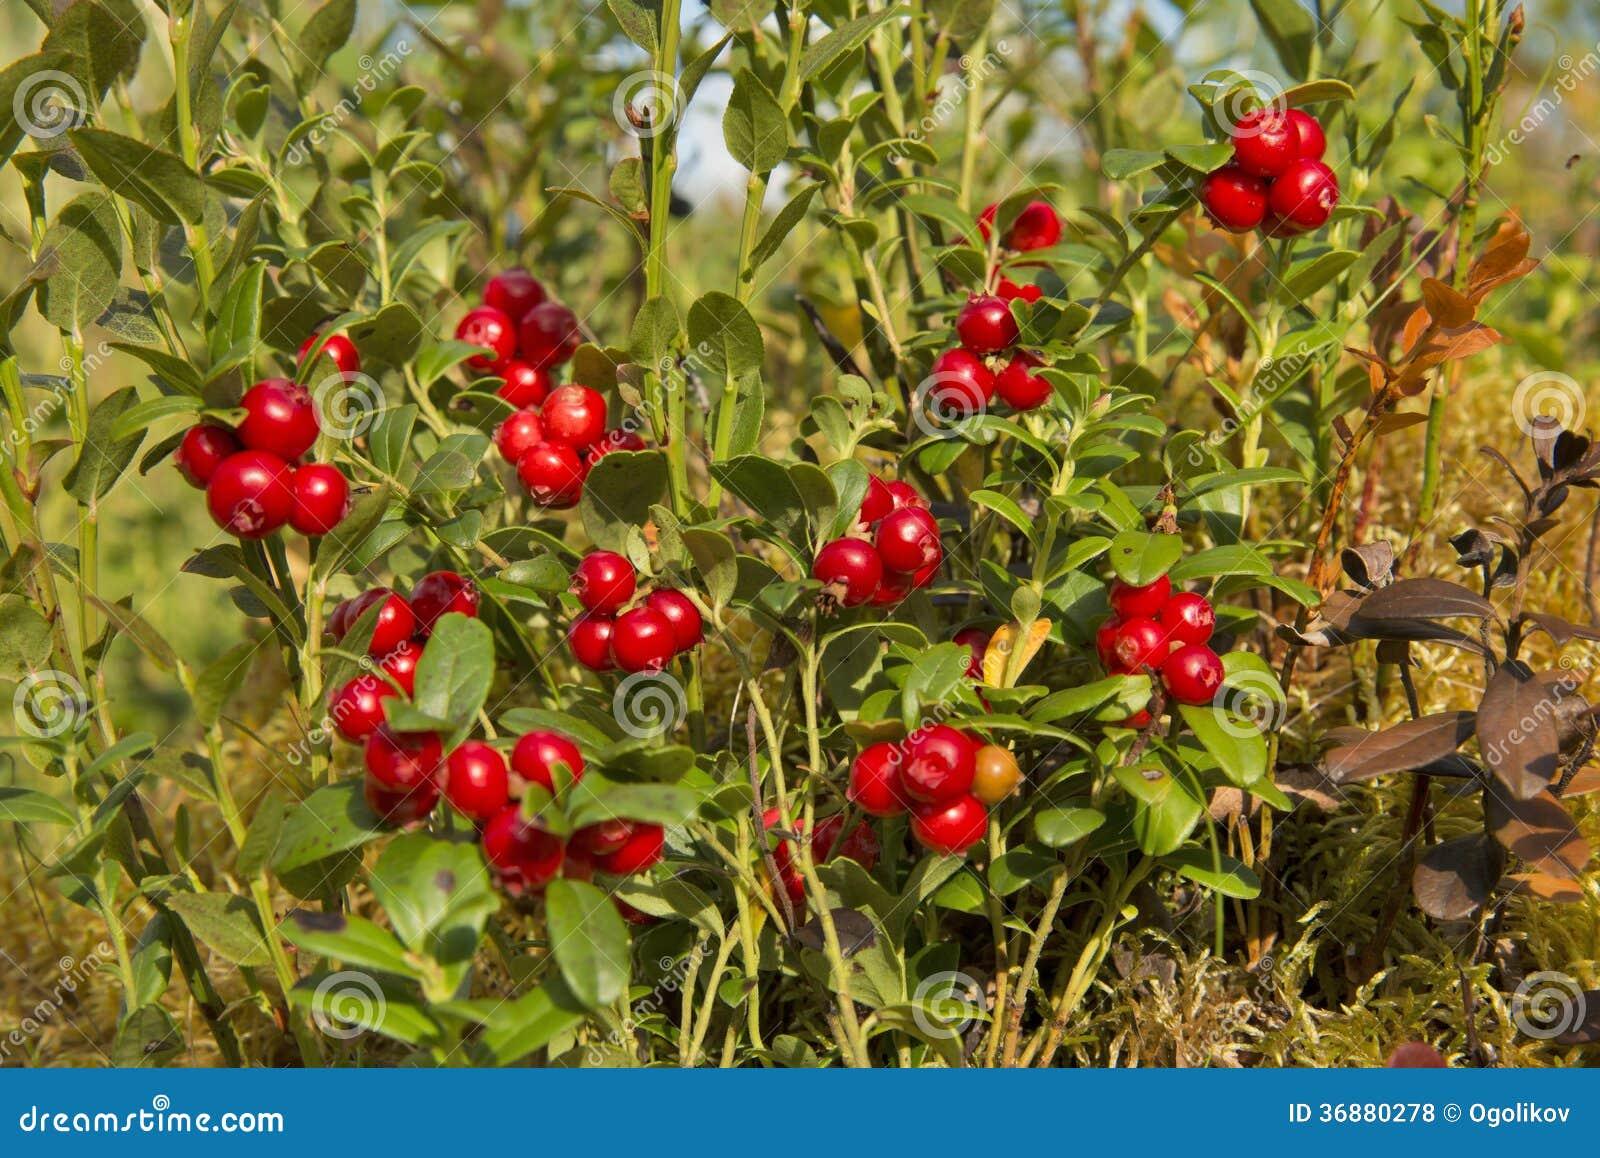 Download Bush Delle Uve Di Monte Selvagge. Fotografia Stock - Immagine di sano, bacca: 36880278